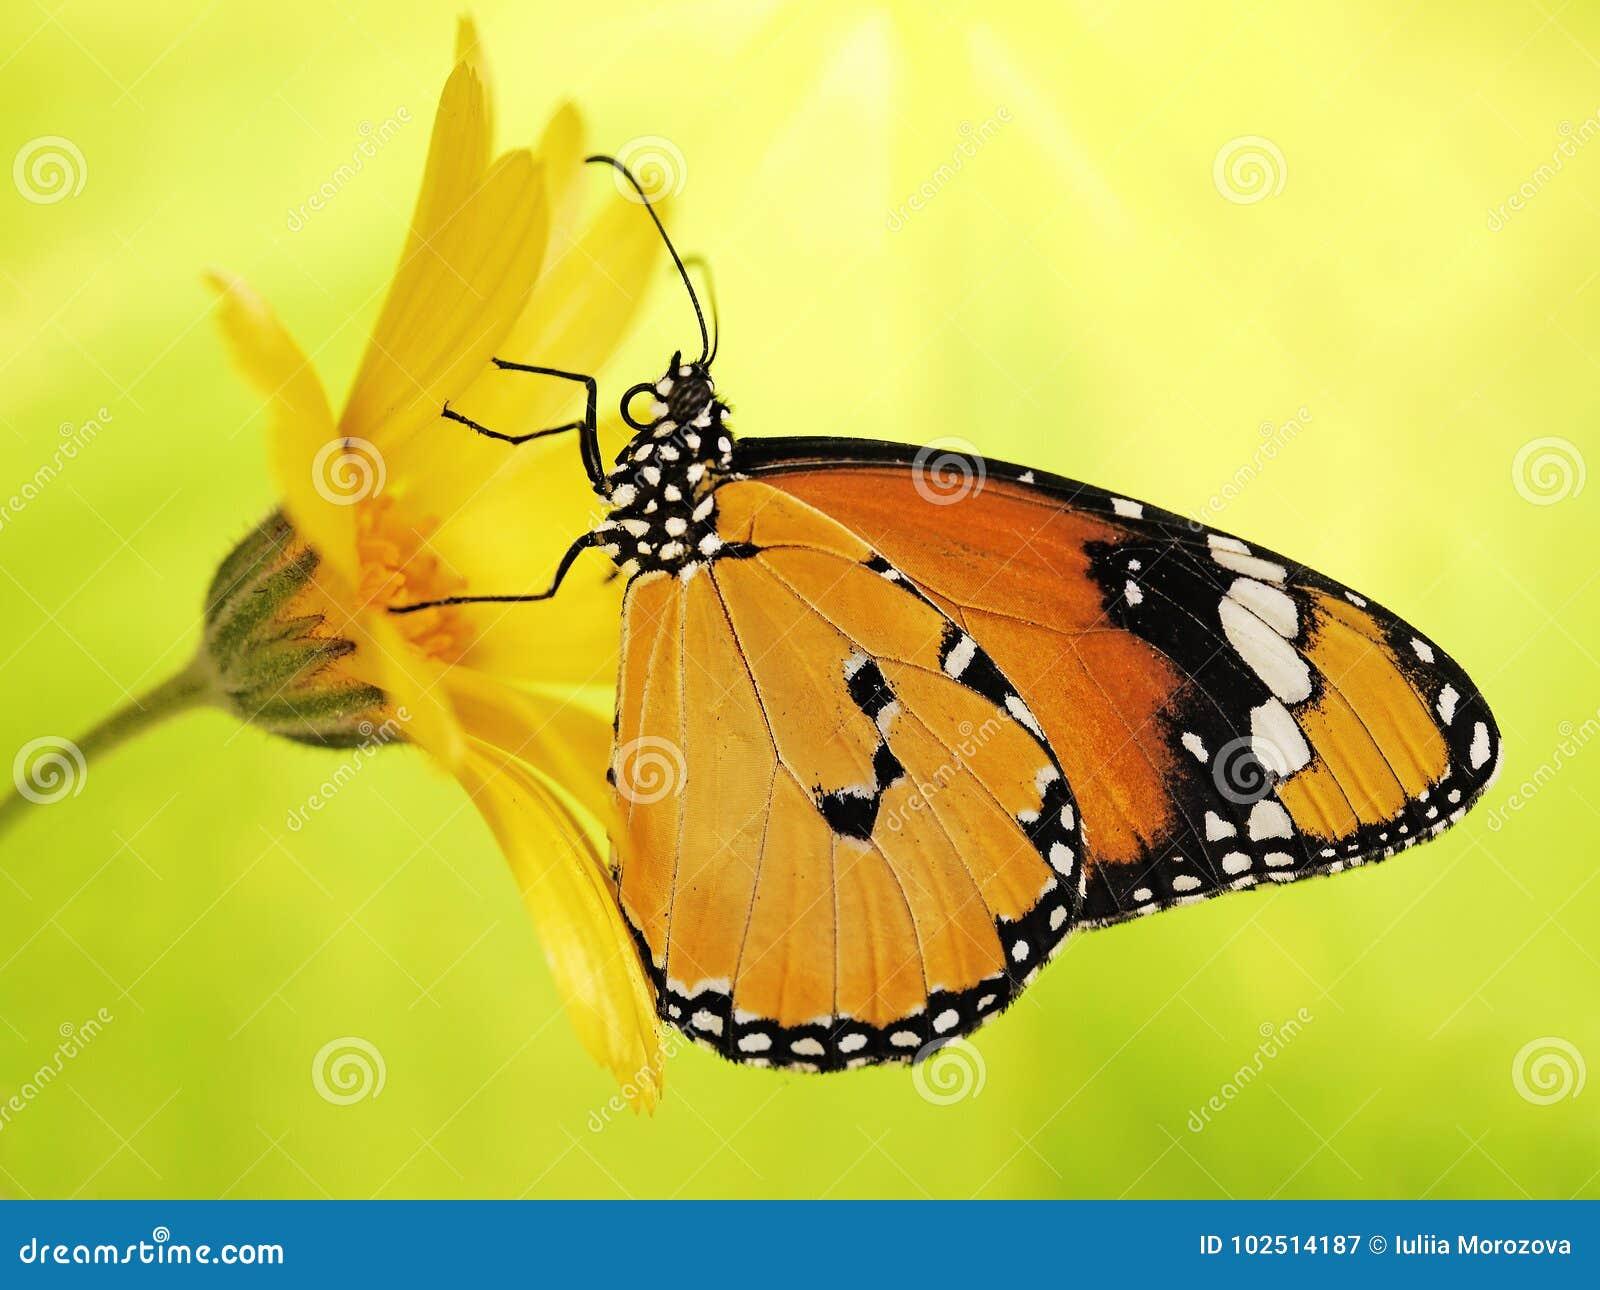 Яркие оранжевые простые бабочка тигра, chrysippus Даная, на цветке ноготк на желтом цвете и зеленом цвете blured предпосылка